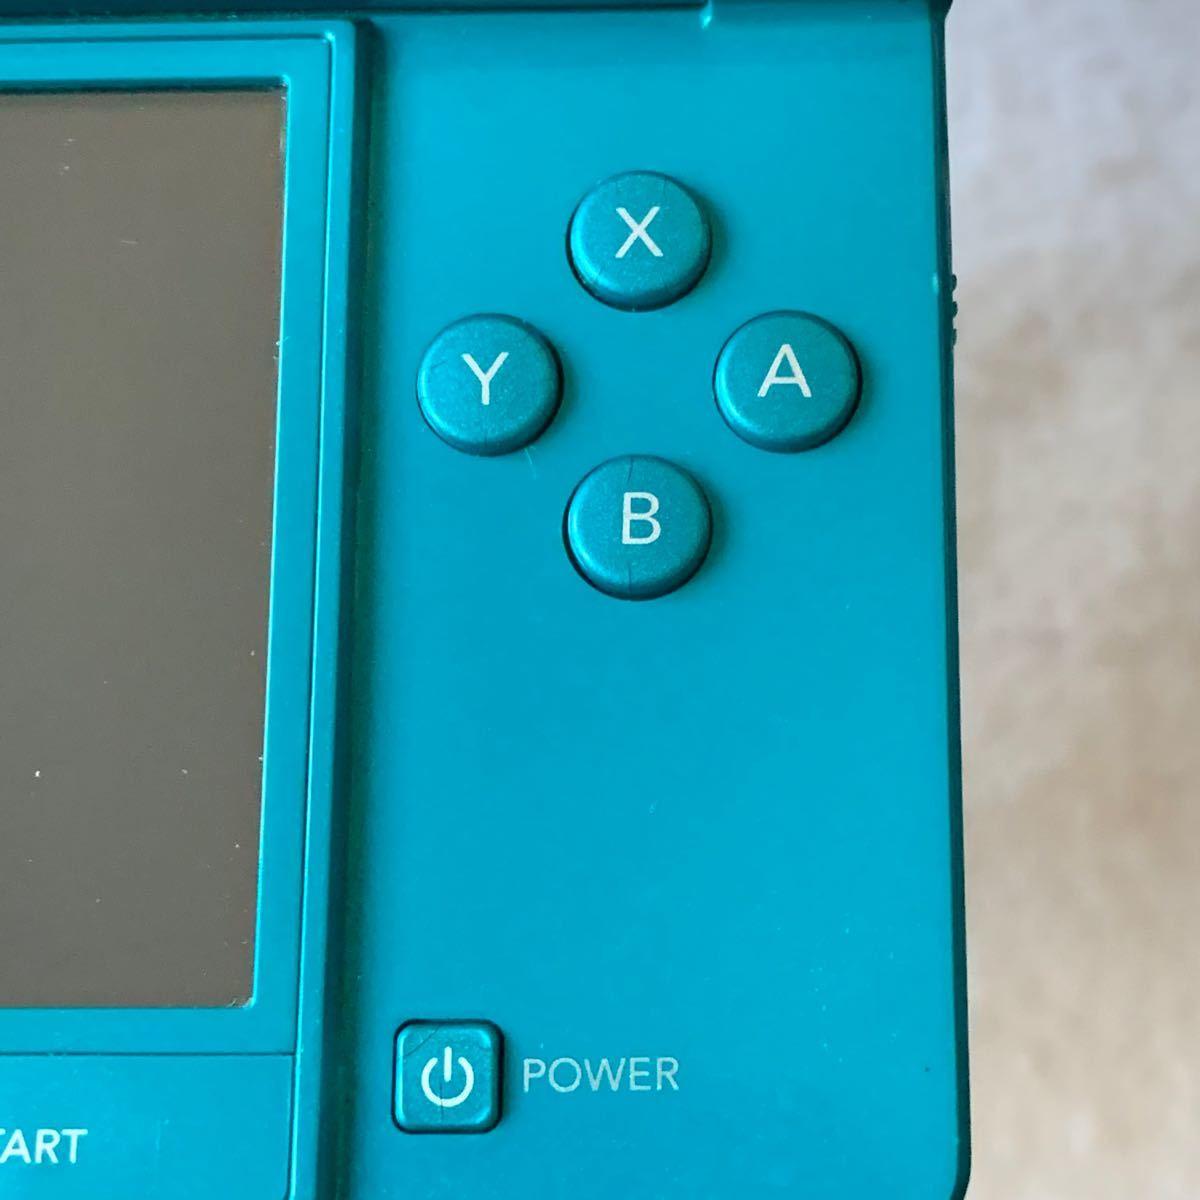 ニンテンドー 3DS アクアブルー 本体 充電器 セット 0221